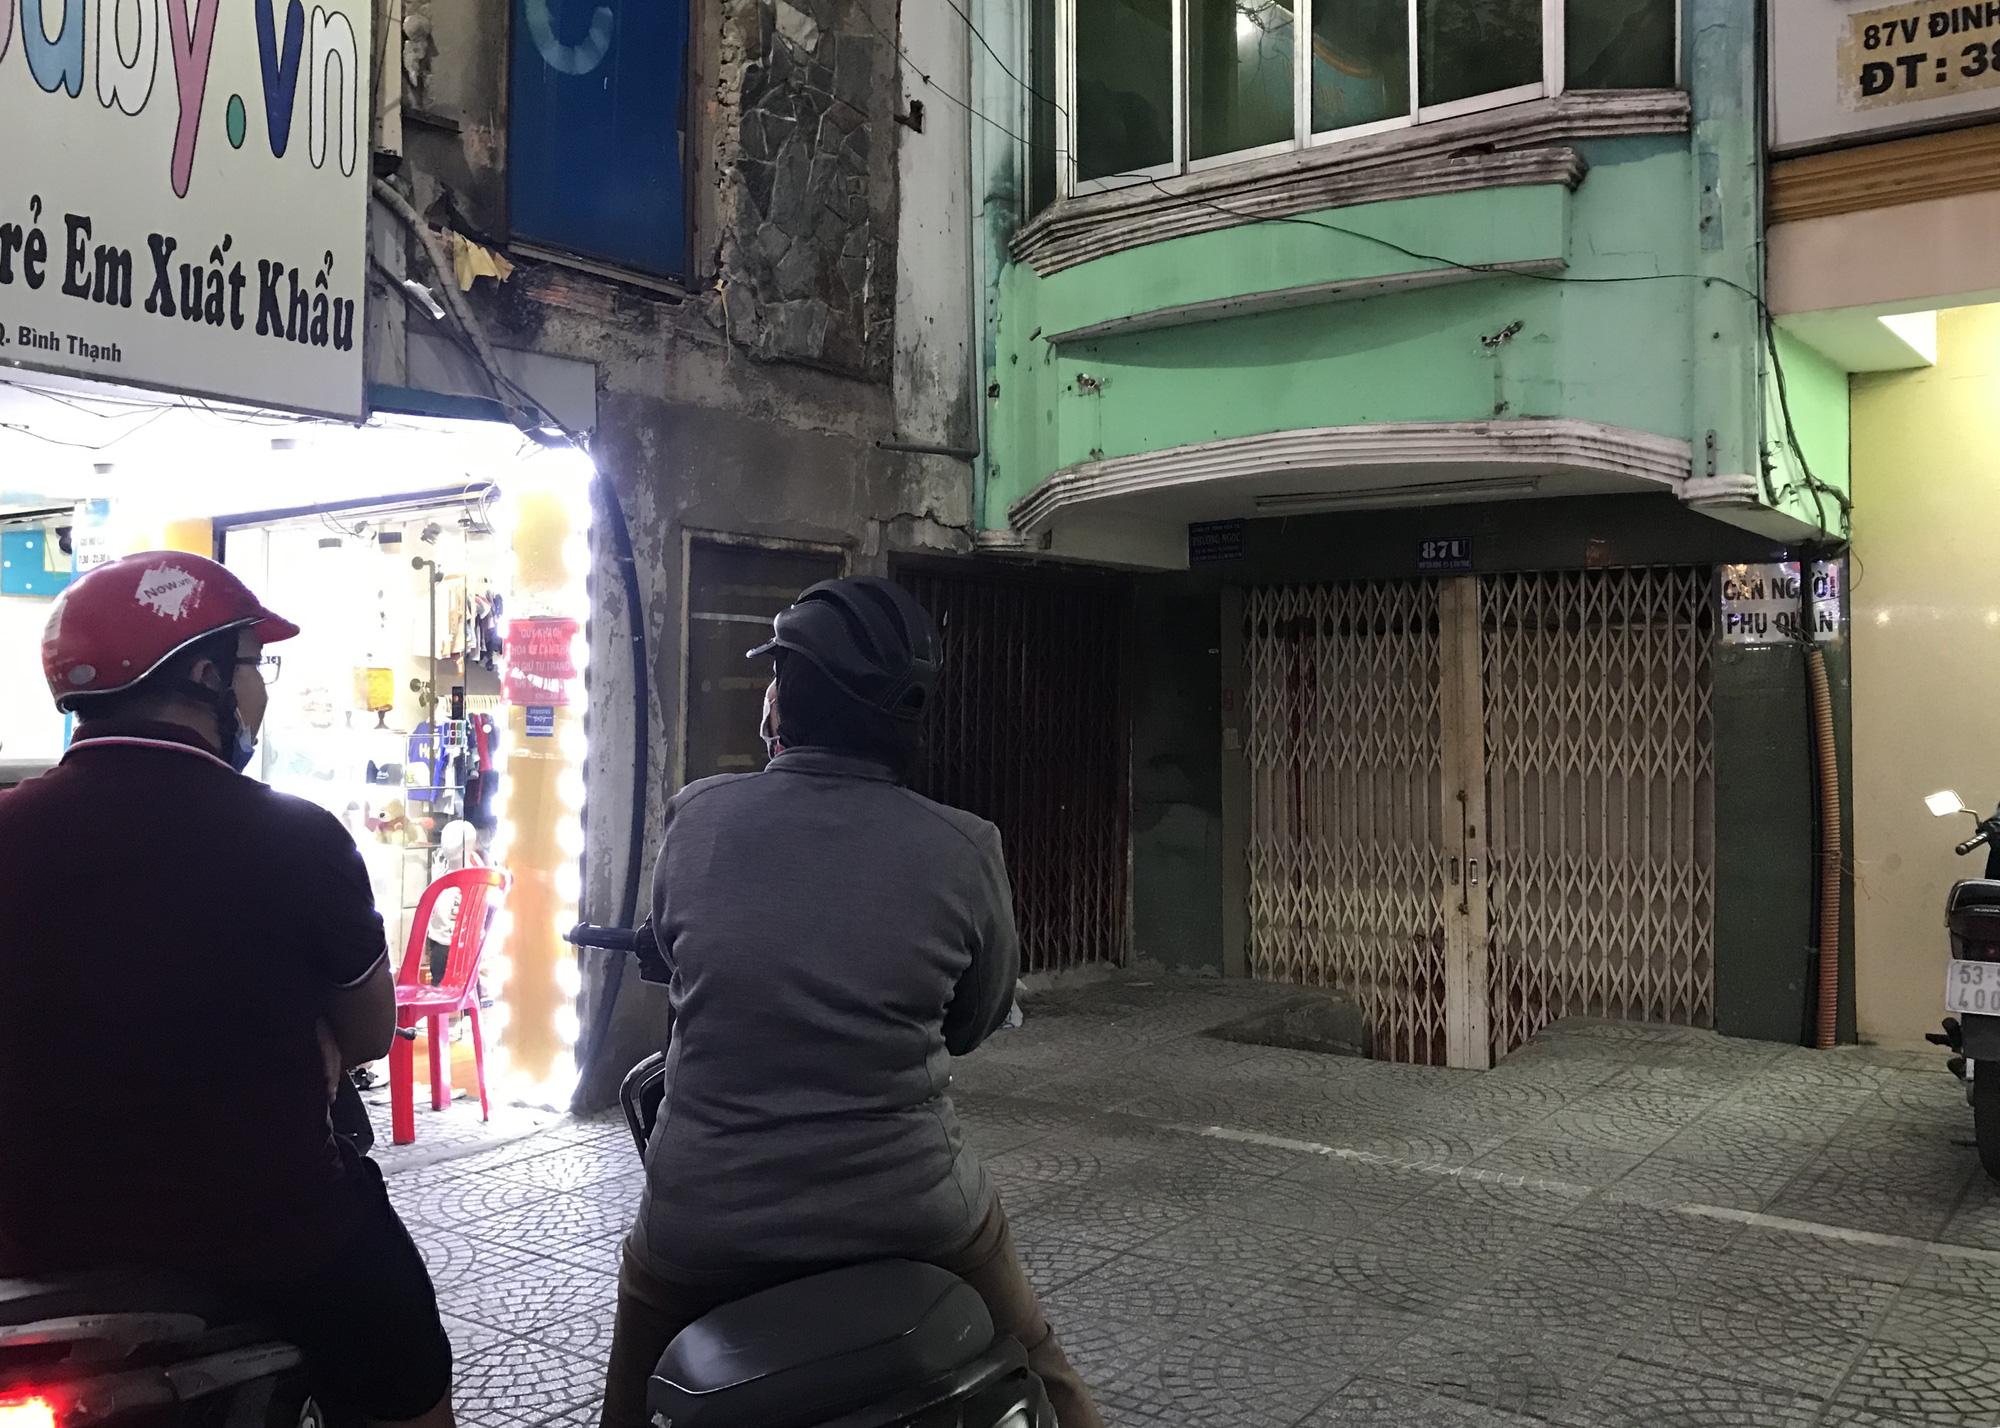 Nhà hàng, quán ăn Sài Gòn vội vàng đóng cửa phòng Covid-19 sau quyết định của UBND TP - Ảnh 6.